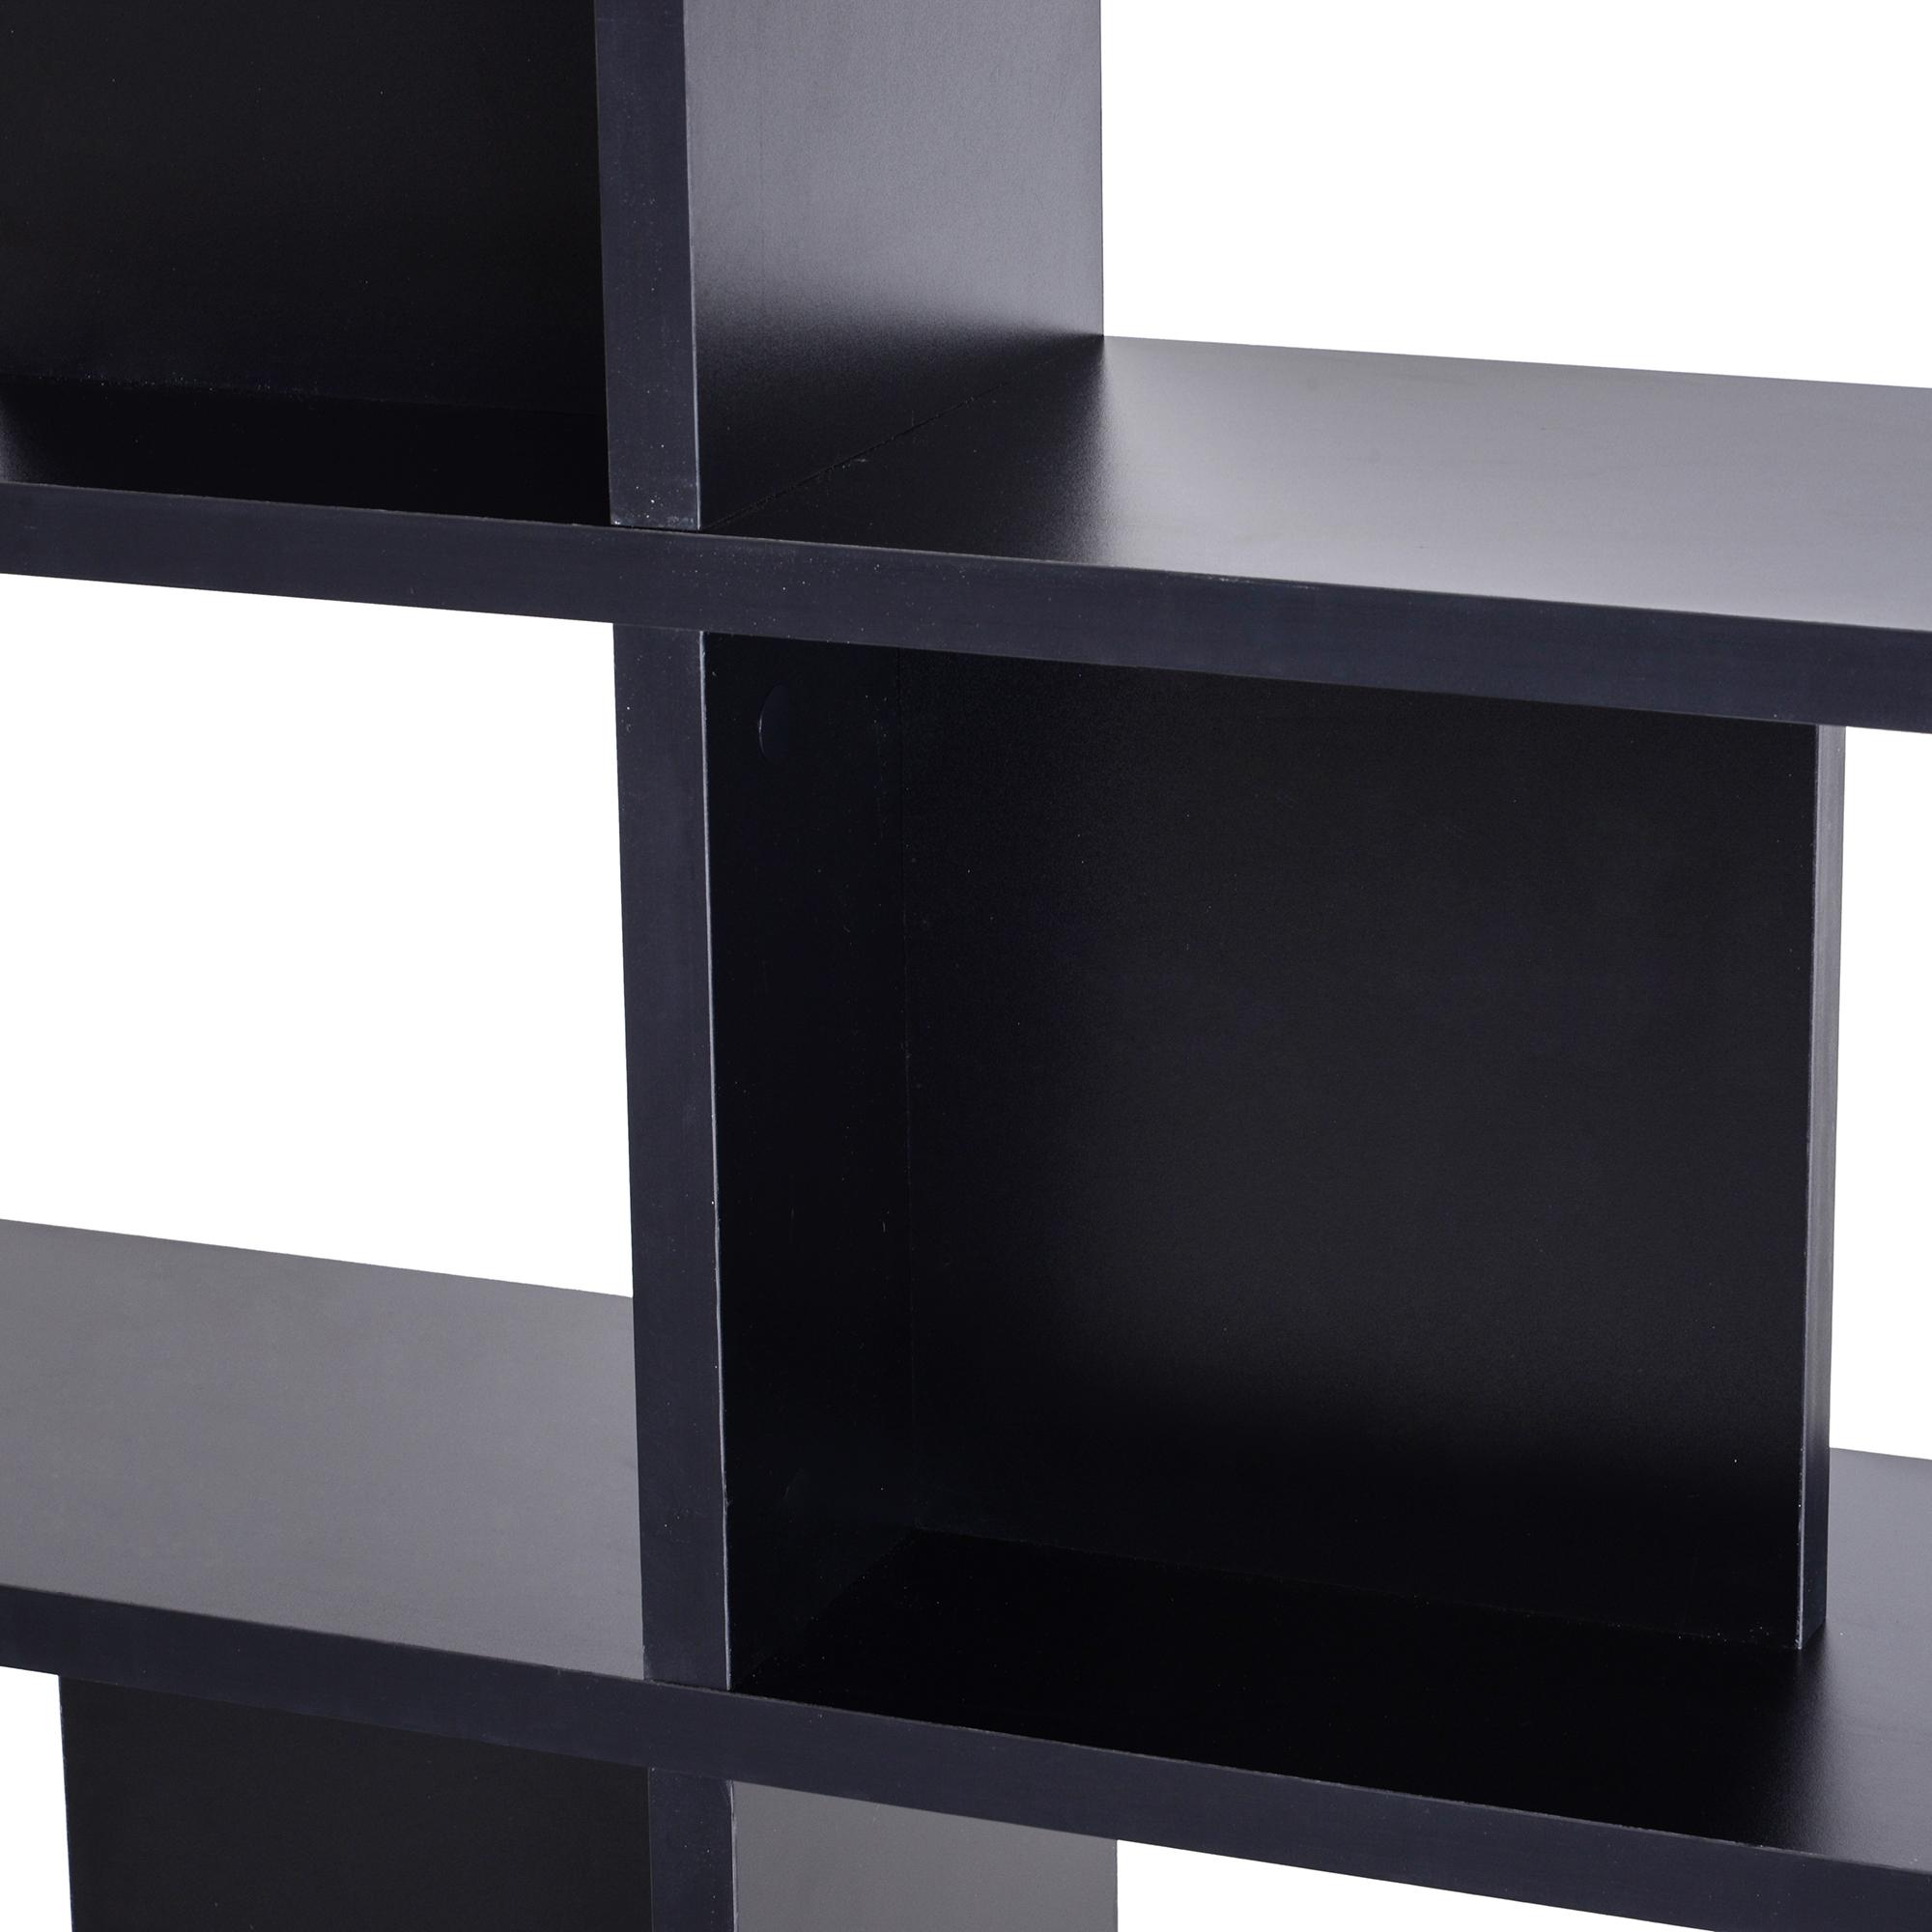 homcom Scaffale Libreria ad S 5 Ripiani Design Moderno Soggiorno Salotto Nero 120 x 28.6 x 160 cm Legno Ufficio